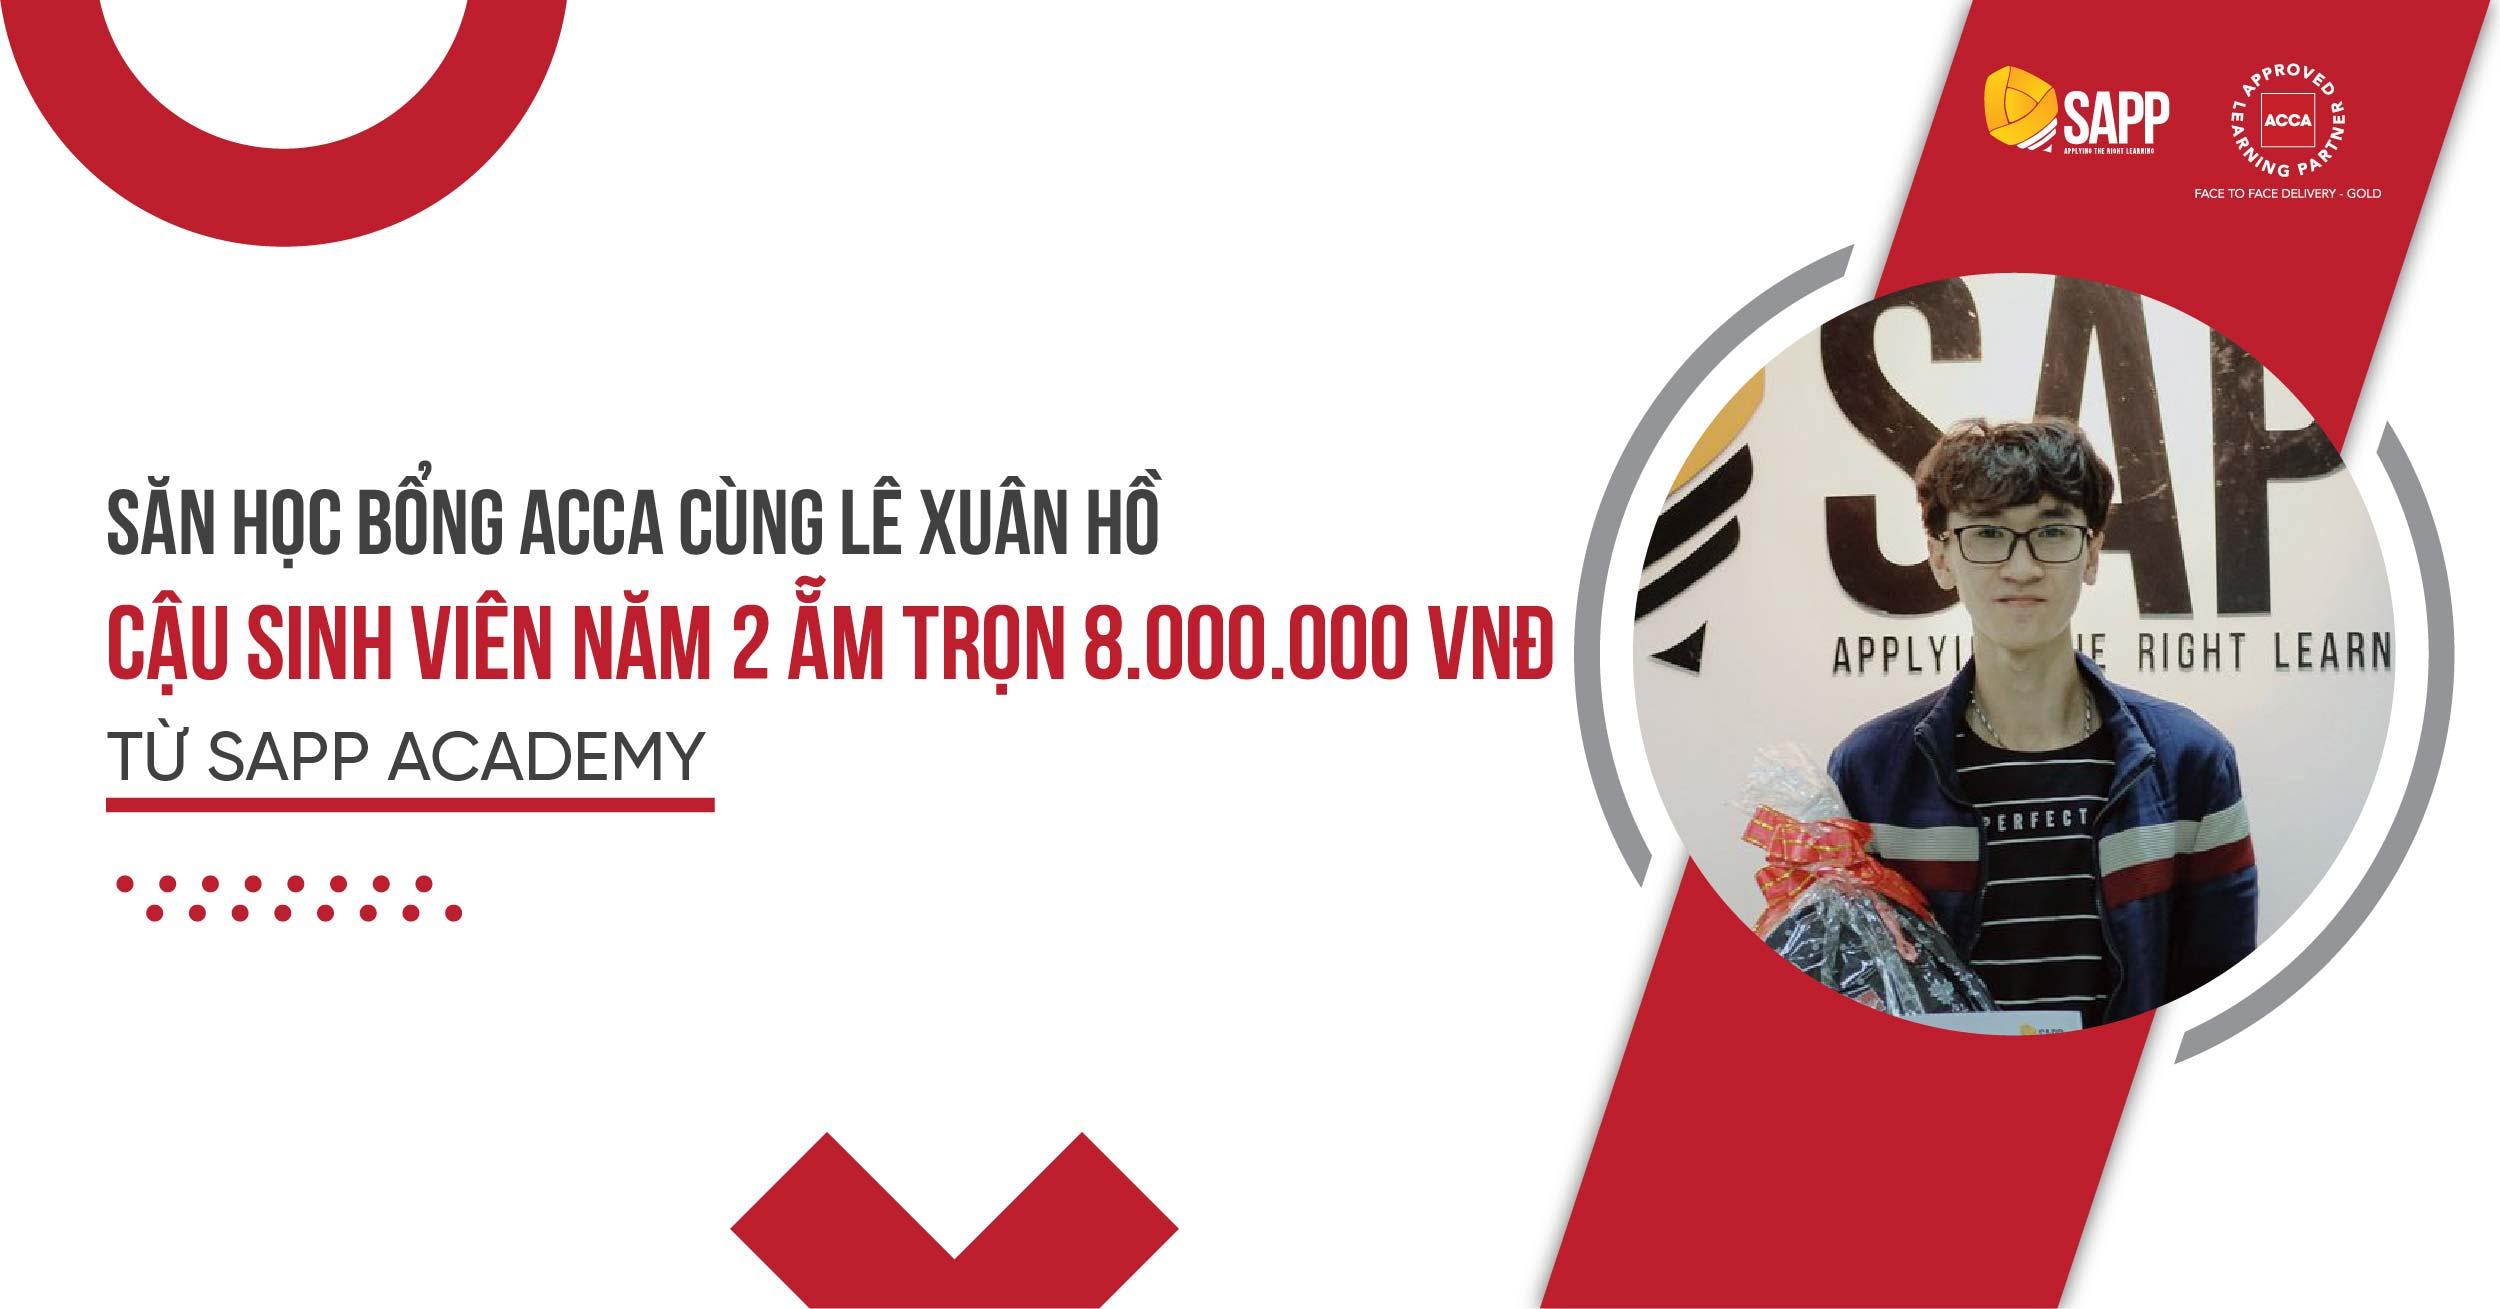 CẬU SINH VIÊN NĂM 2 ẴM TRỌN HỌC BỔNG ACCA 8.000.000Đ TỪ SAPP ACADEMY